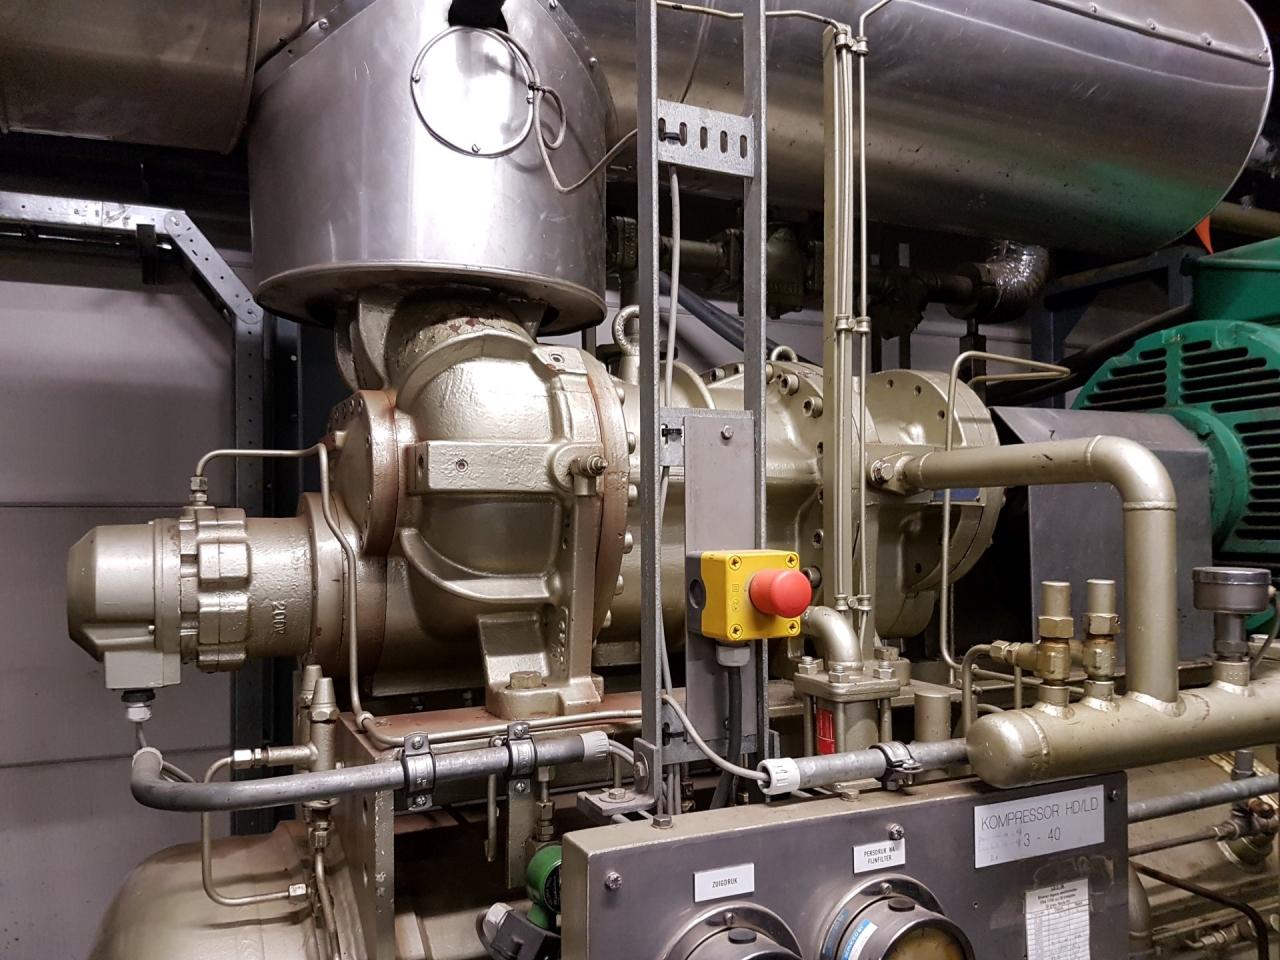 Mycom 200 VLD screw compressor unit - HOS BV